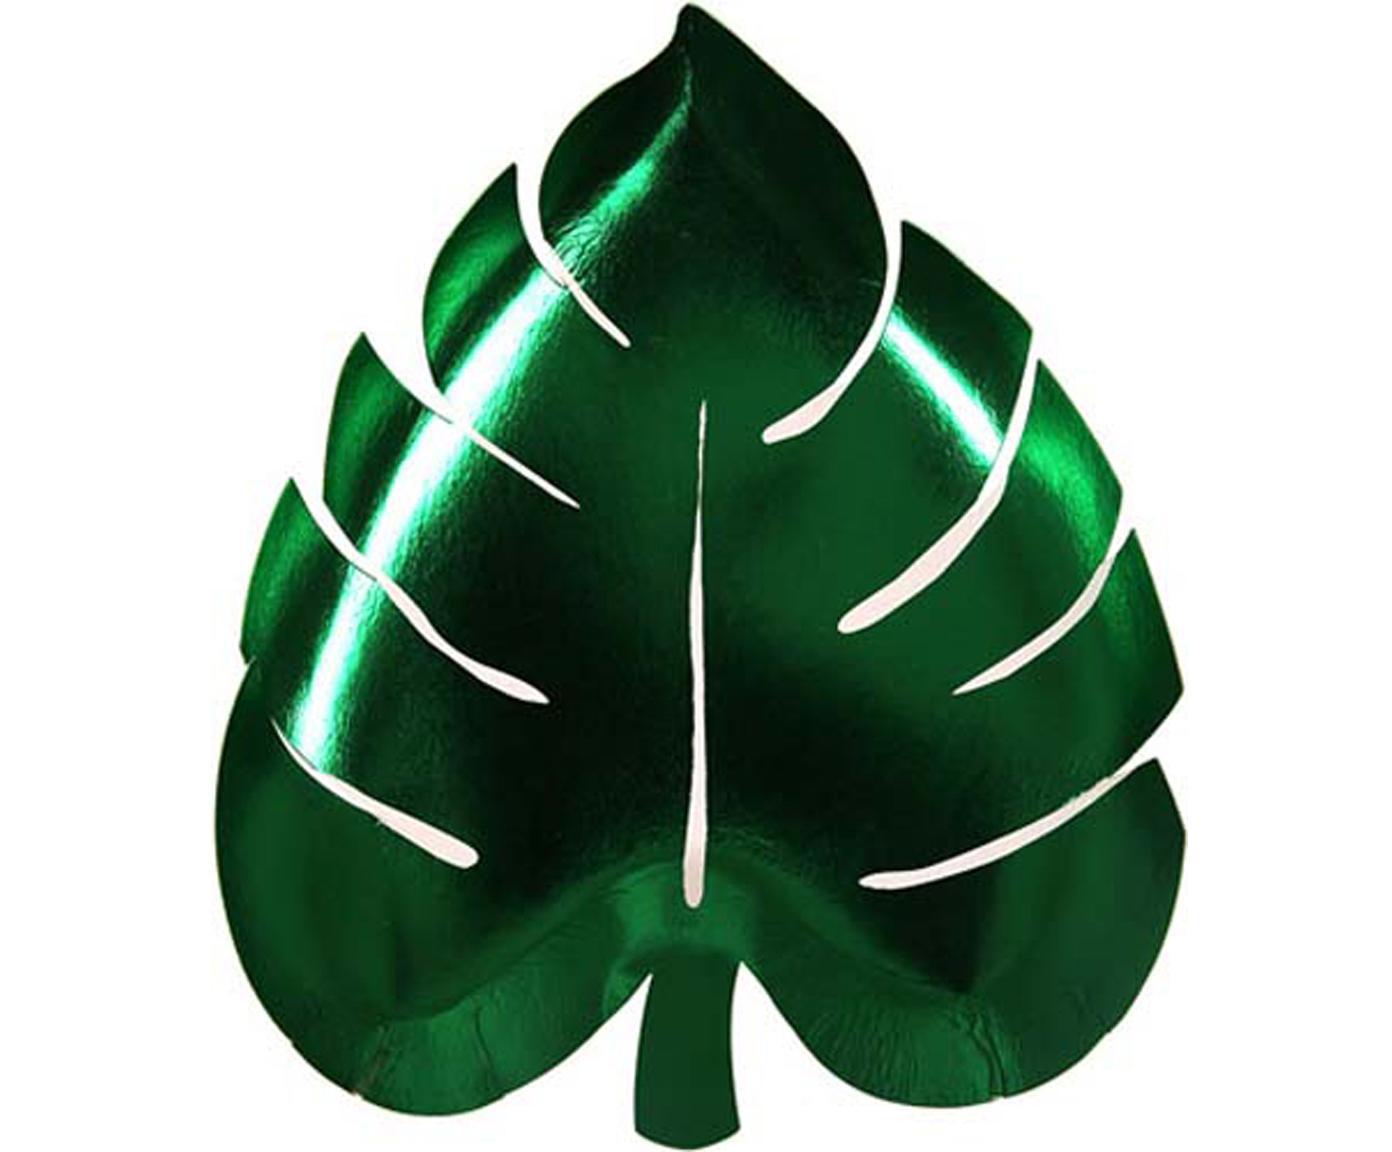 Talerz z papieru Palm Leaf, 8 szt., Papier, foliowany, Zielony, S 23 x G 19 cm